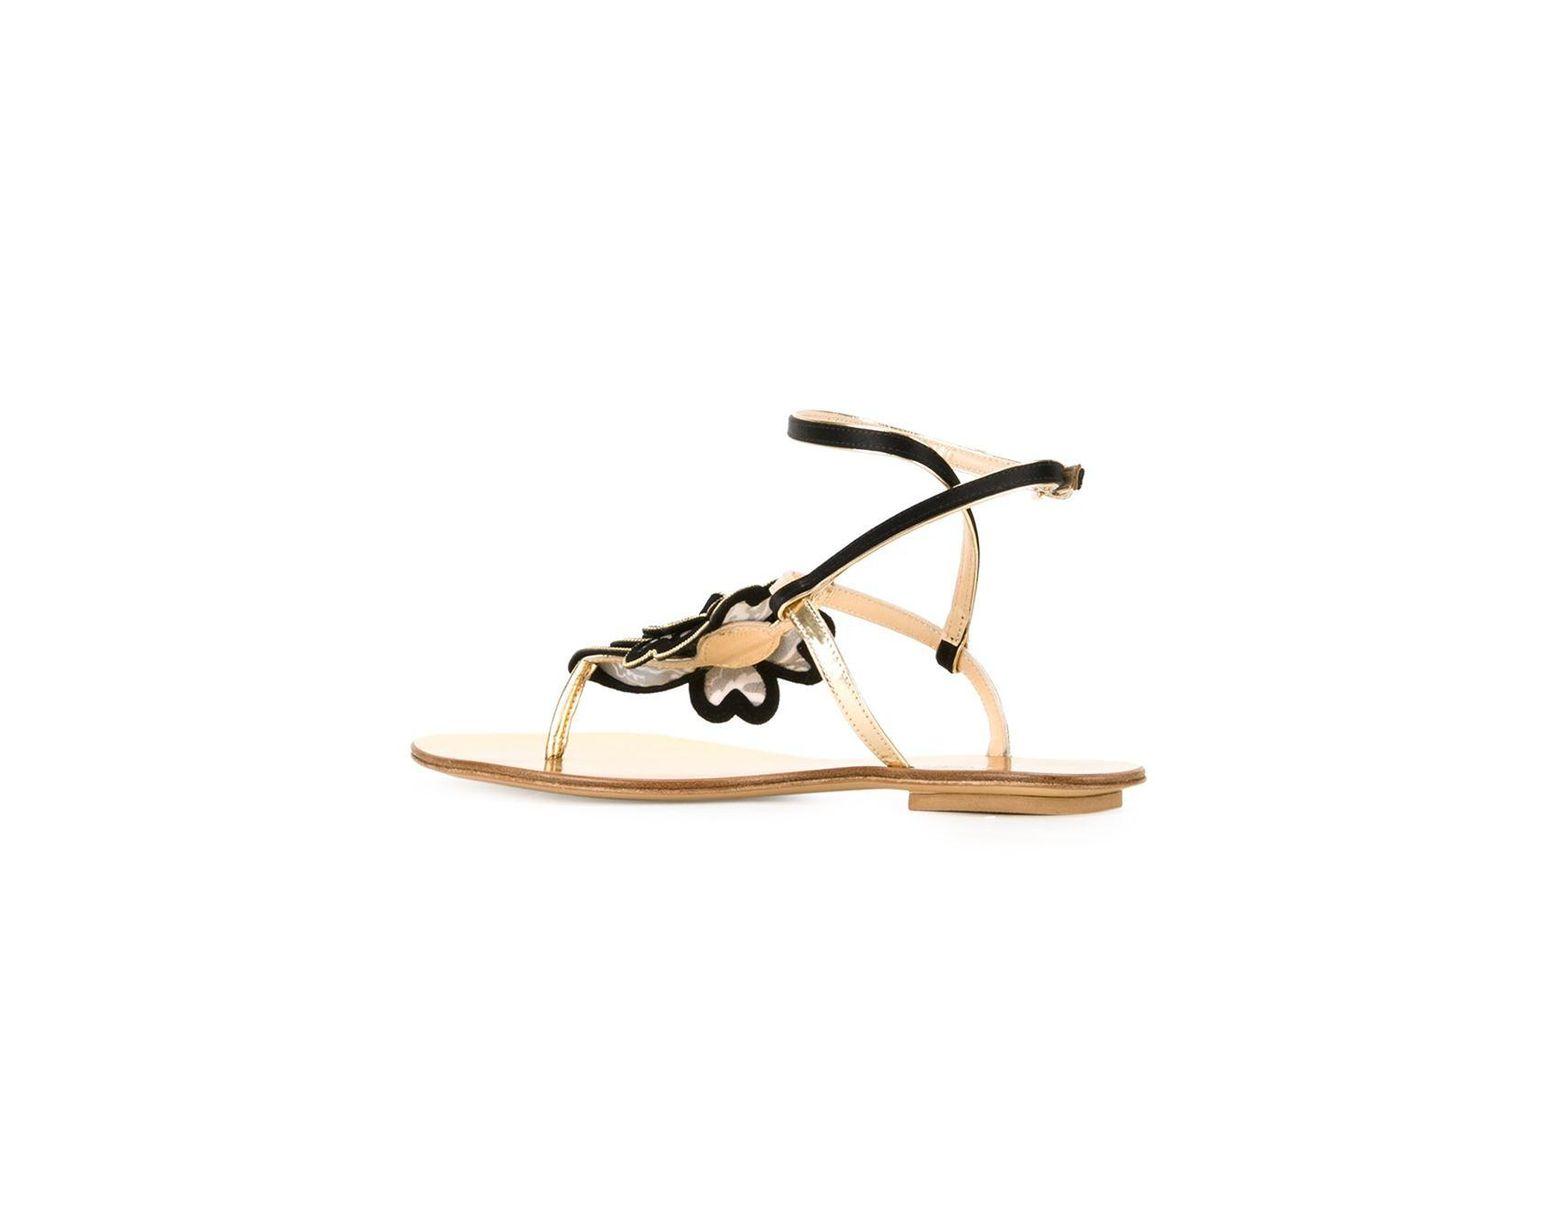 Metallic Flower Etro Flat In Lyst Sandals fymYgI7b6v